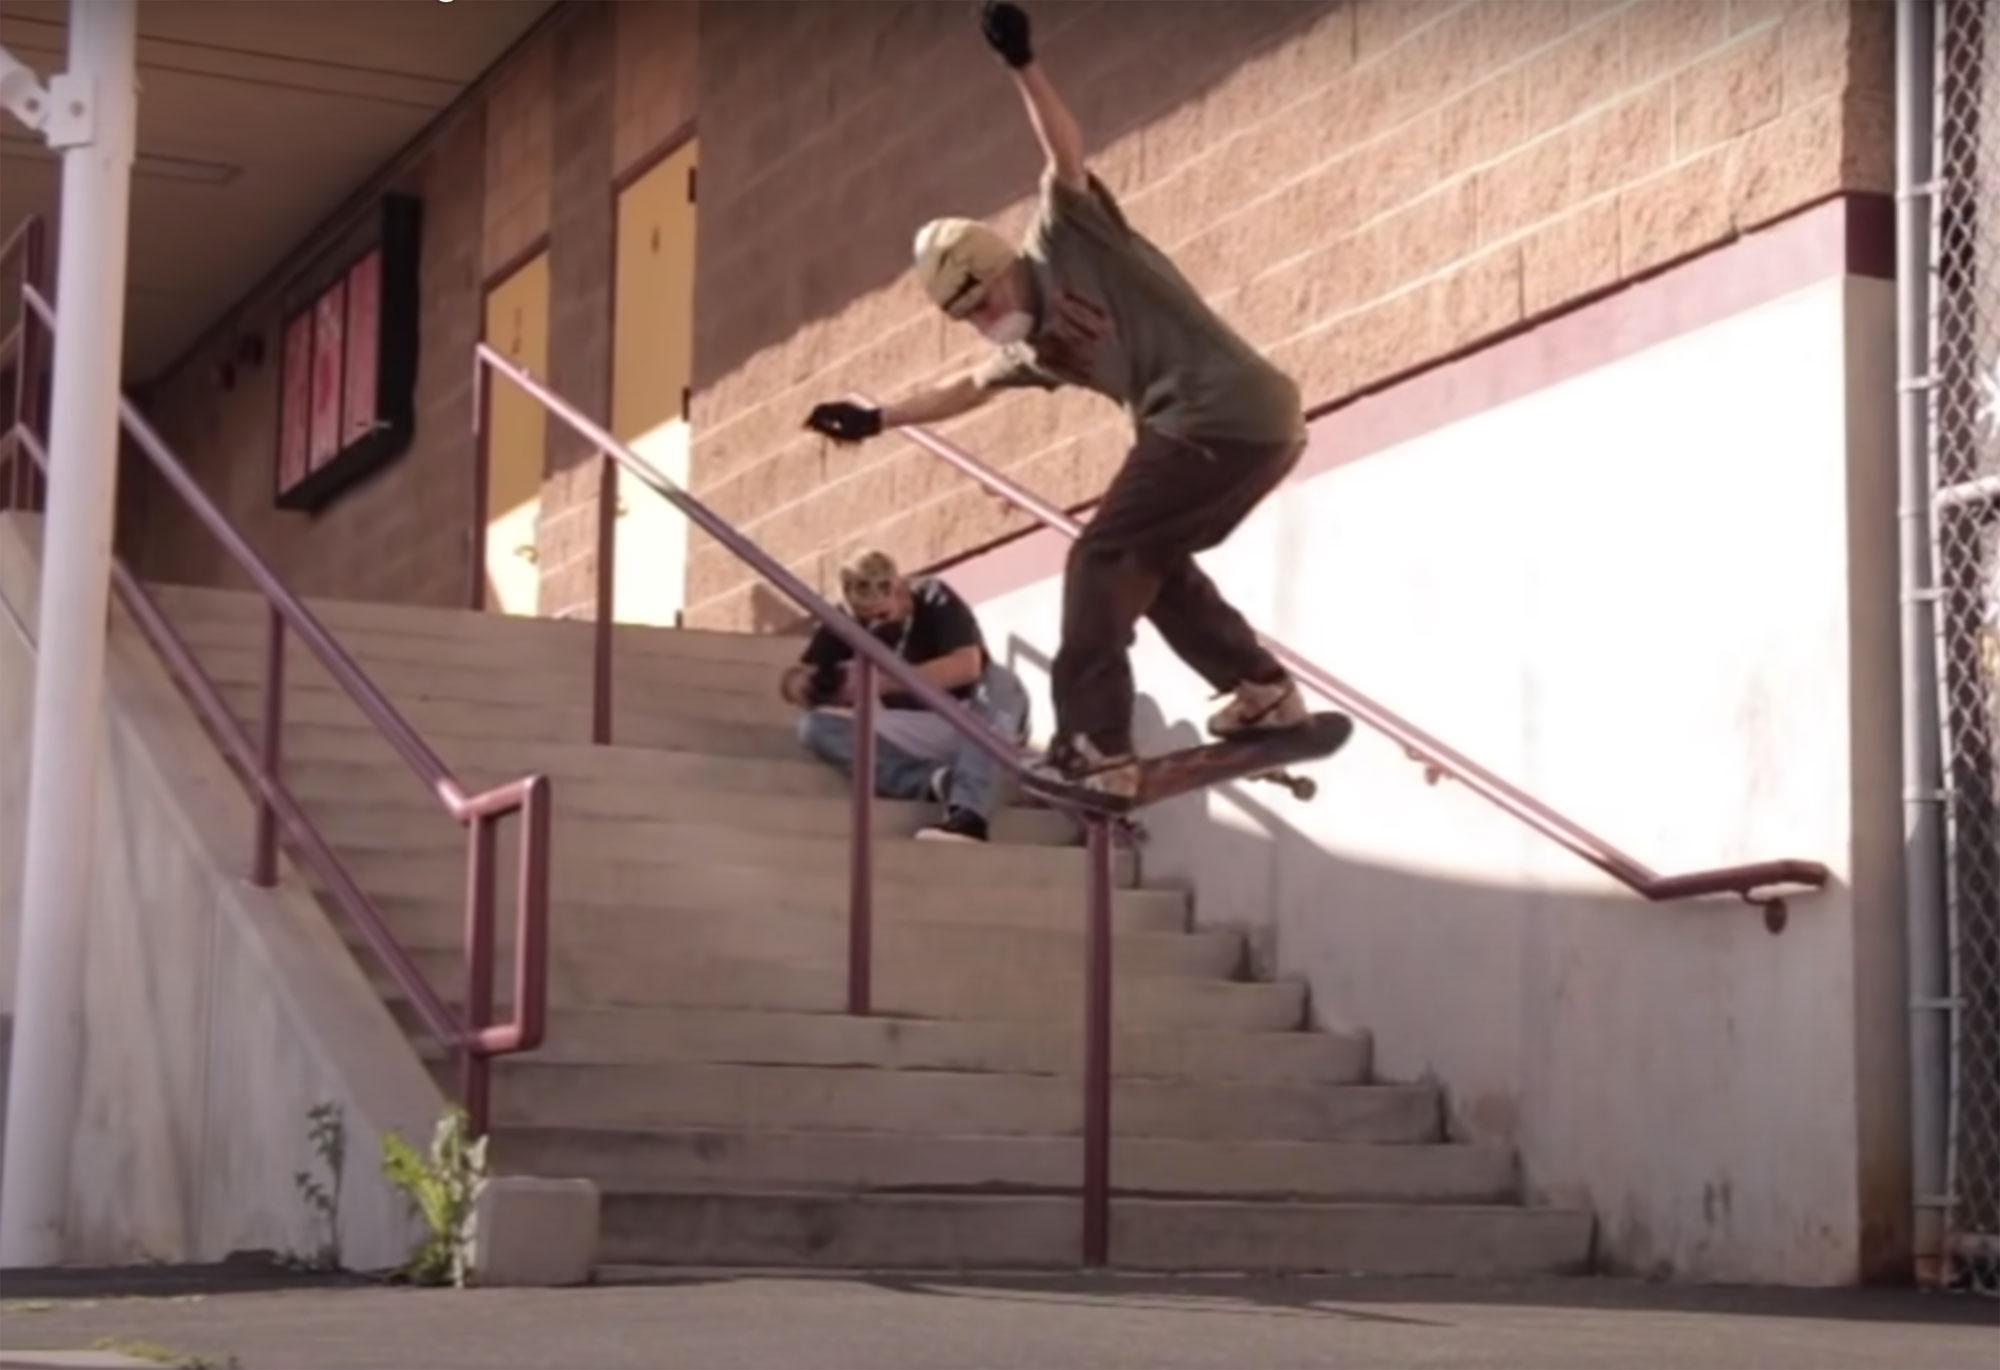 Vincent Nava Pig Wheels skate